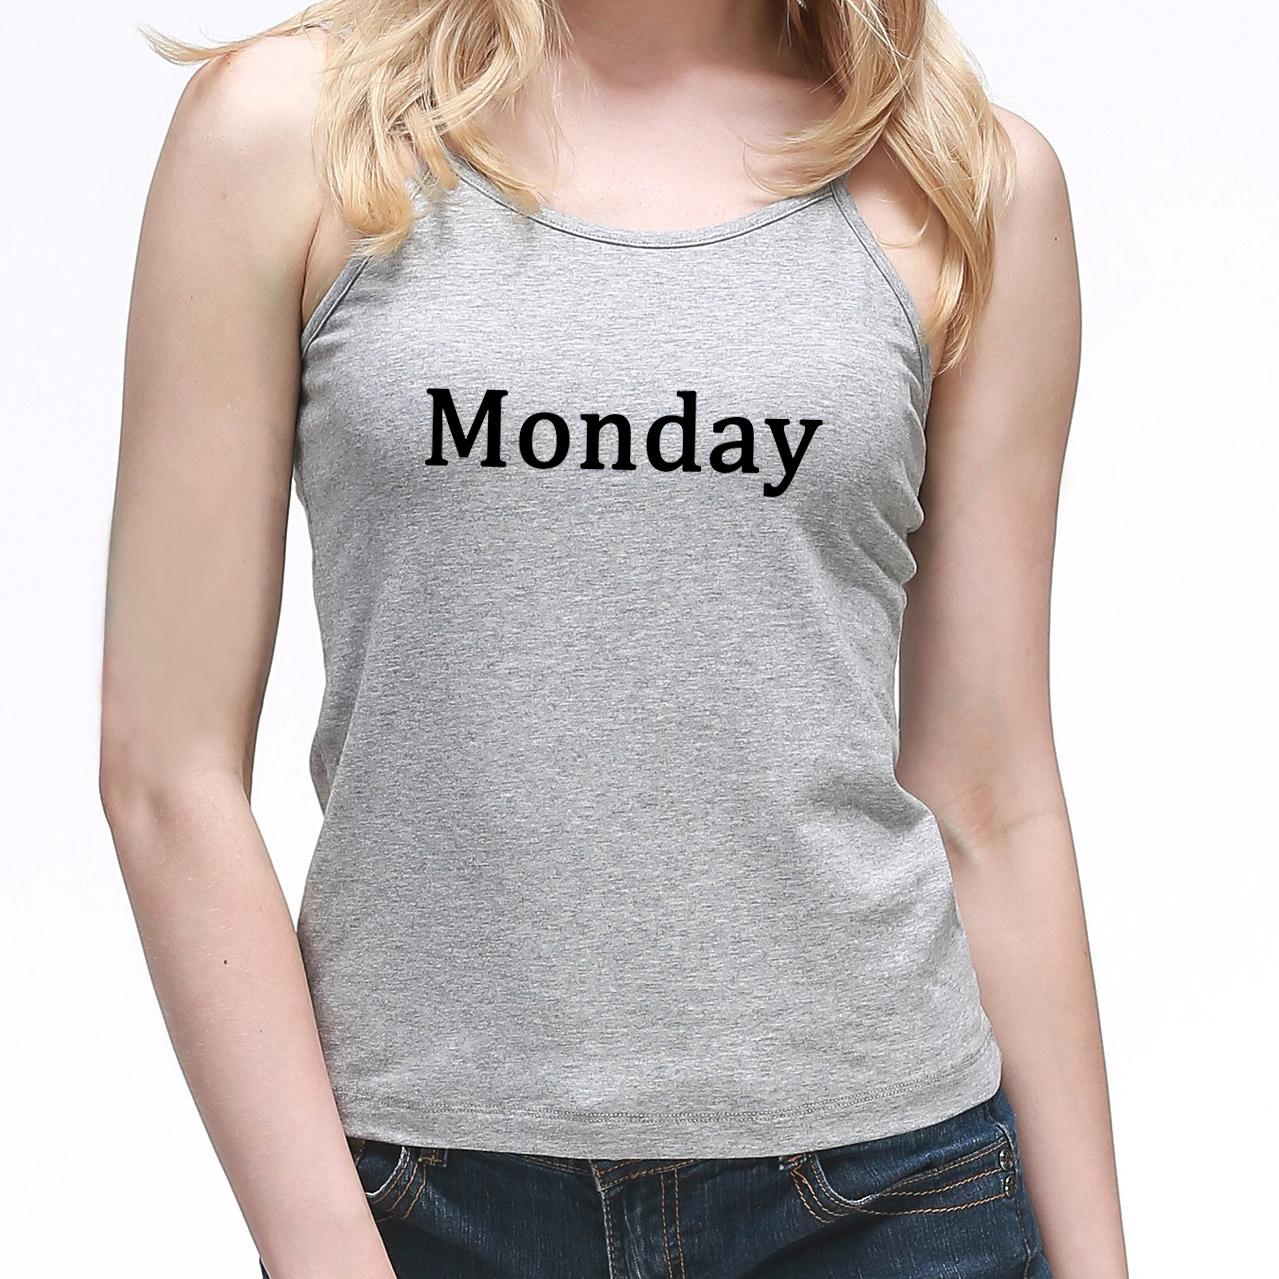 [해외]여성 캐미솔 조끼 월요일 화요일 수요일 목요일 금요일 토요일 일요일 거리 프린트 웃긴 주니어 들아 들린 탑스 소녀 캐미스/Women Camisole Vest Monday Tuesday Wednesday Thursday Friday Saturday Sunday S